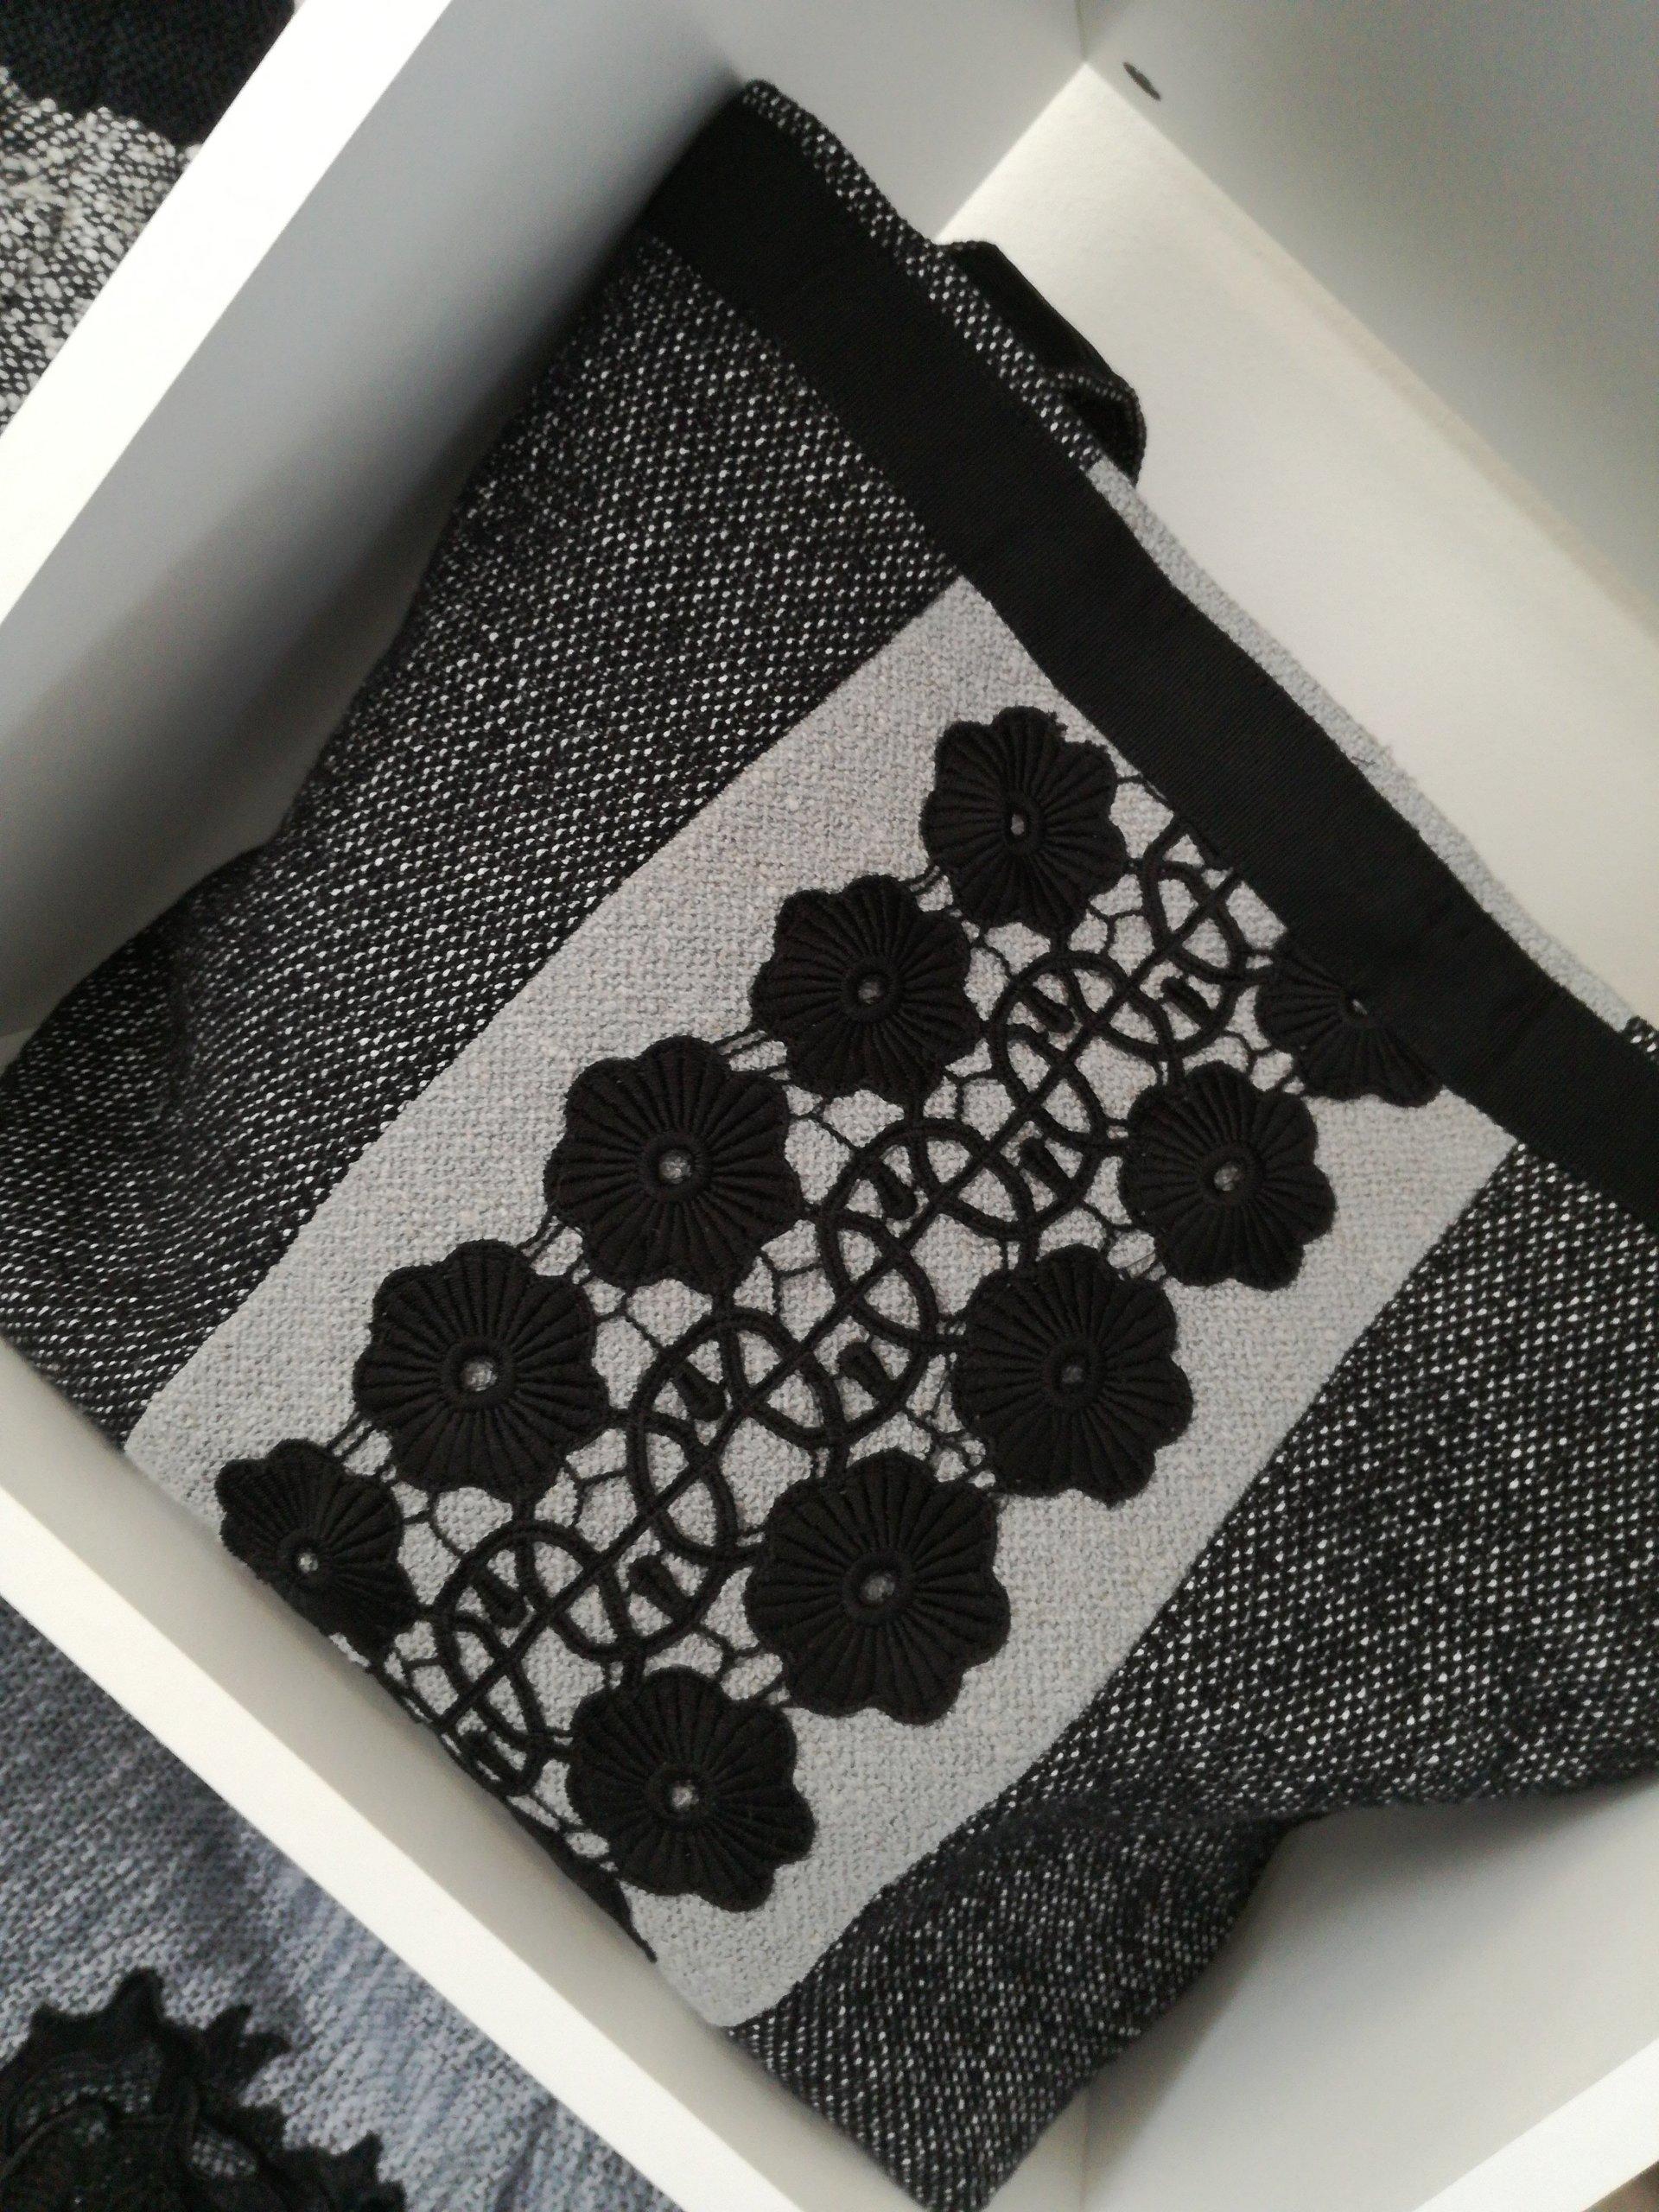 borsa grigia con striscie bianche e ricami neri